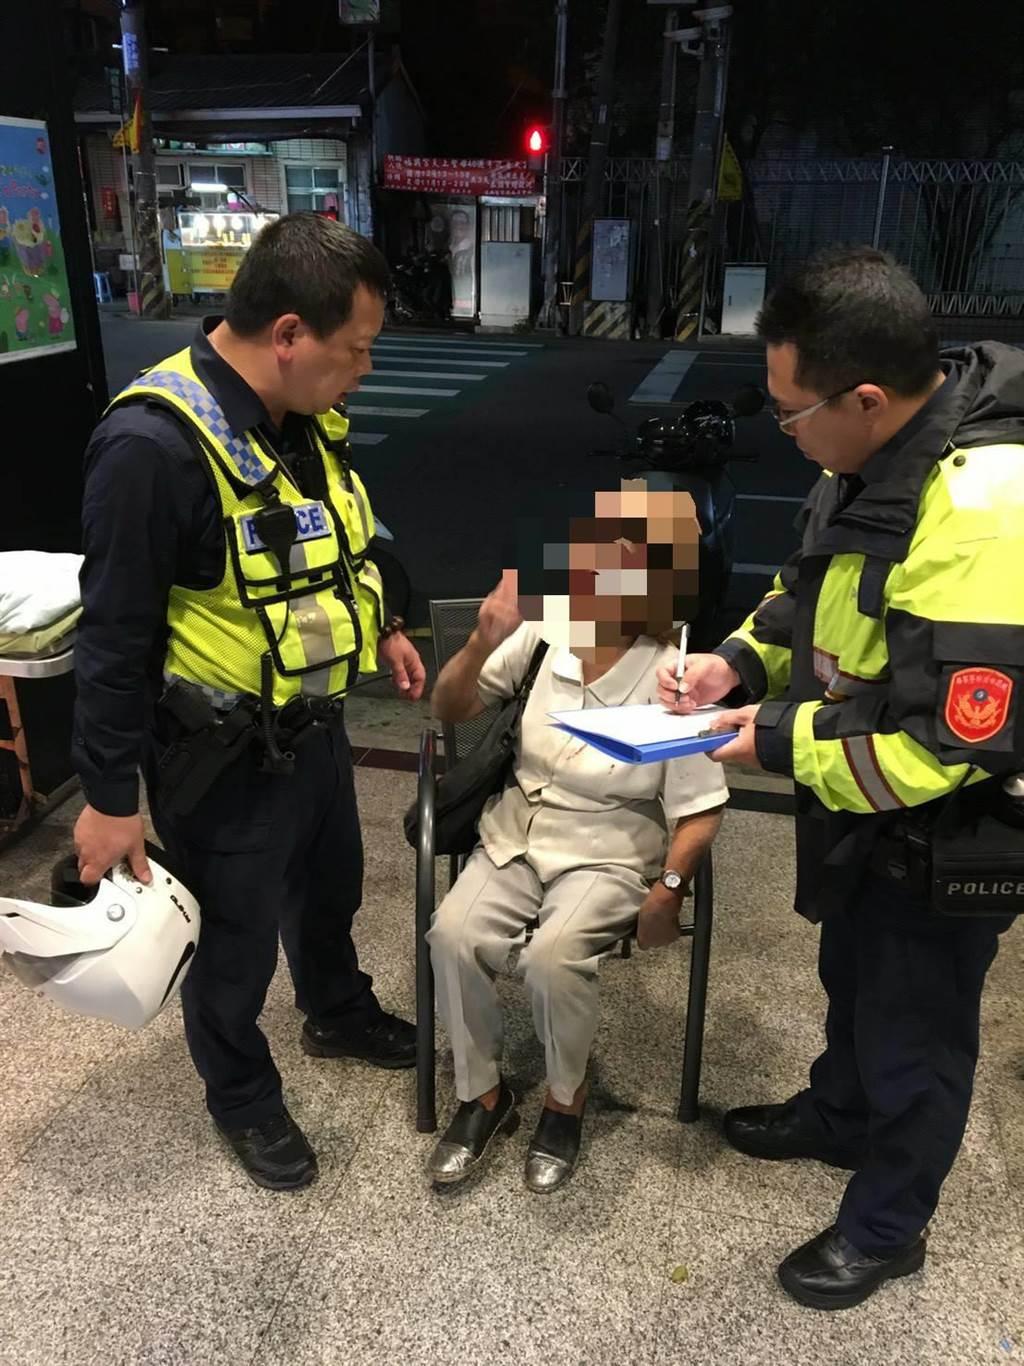 桃園市八德區日前1名年邁葉姓老婦過馬路時跌倒在地,警方獲報前往關心。(警方提供/賴佑維桃園傳真)